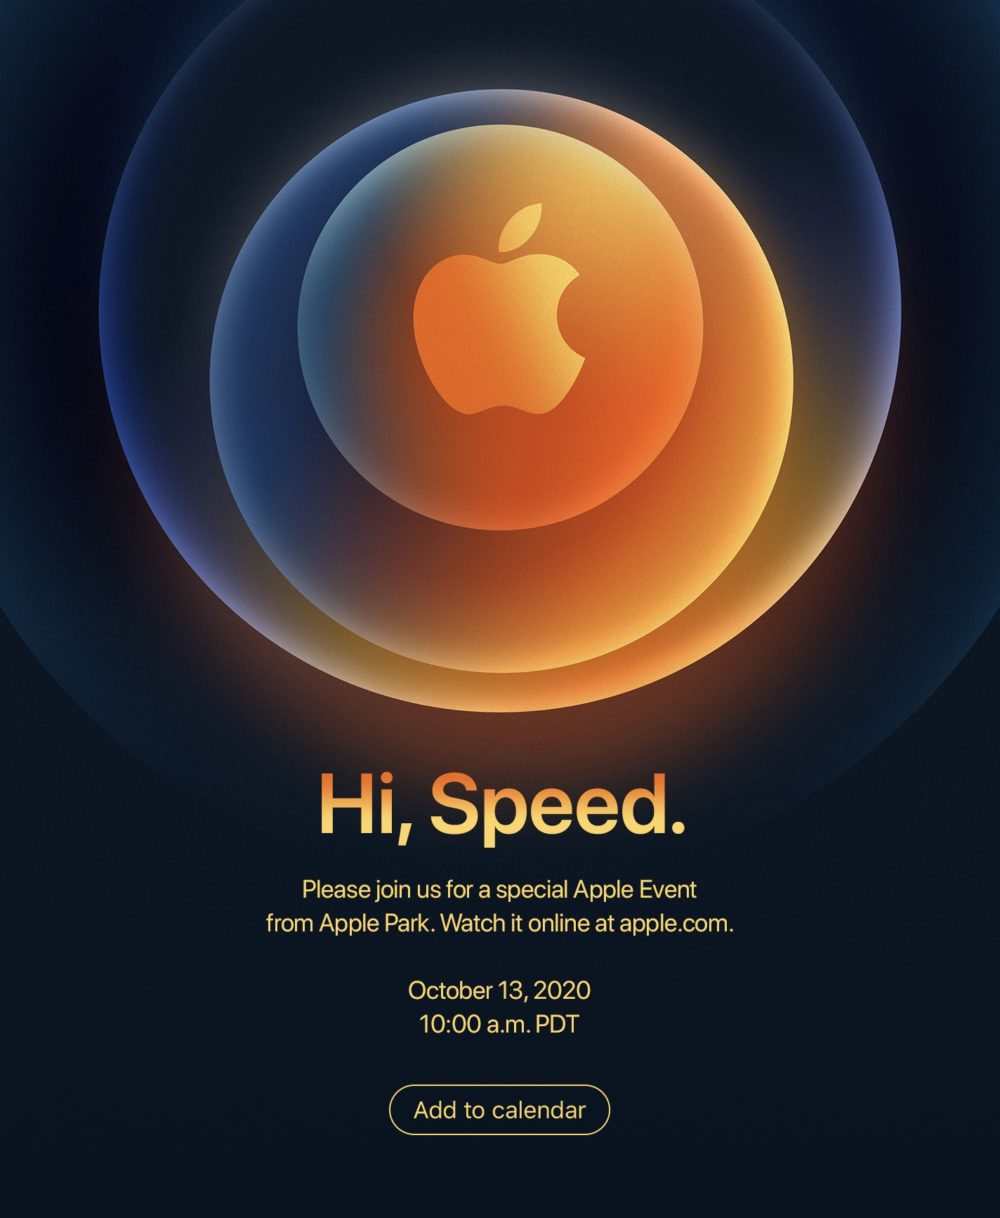 iPhone 12 Keynote Hi Speed Apple annonce une keynote pour présenter liPhone 12 le 13 octobre prochain